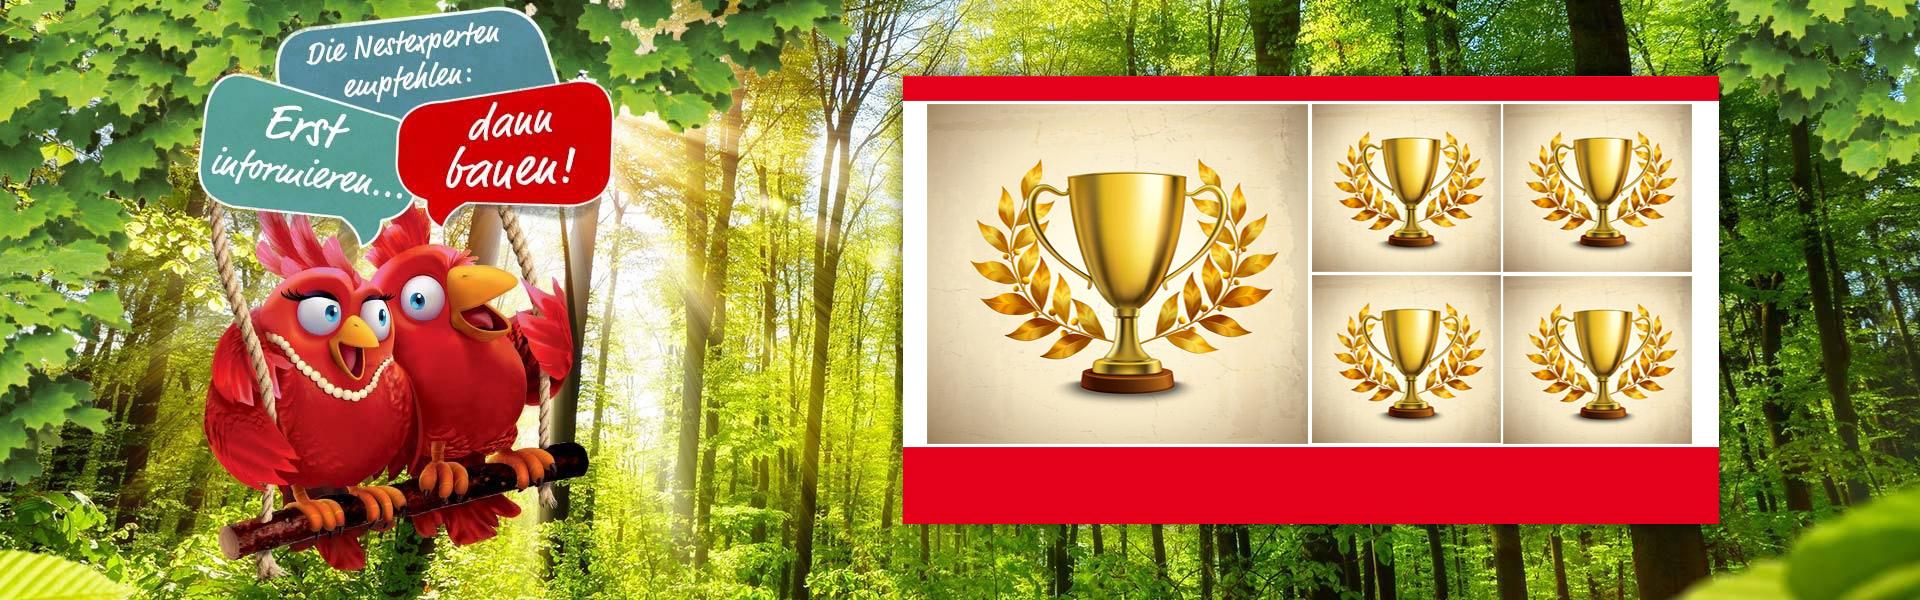 Auszeichnung für Hausbau Focus Money 5-fach super